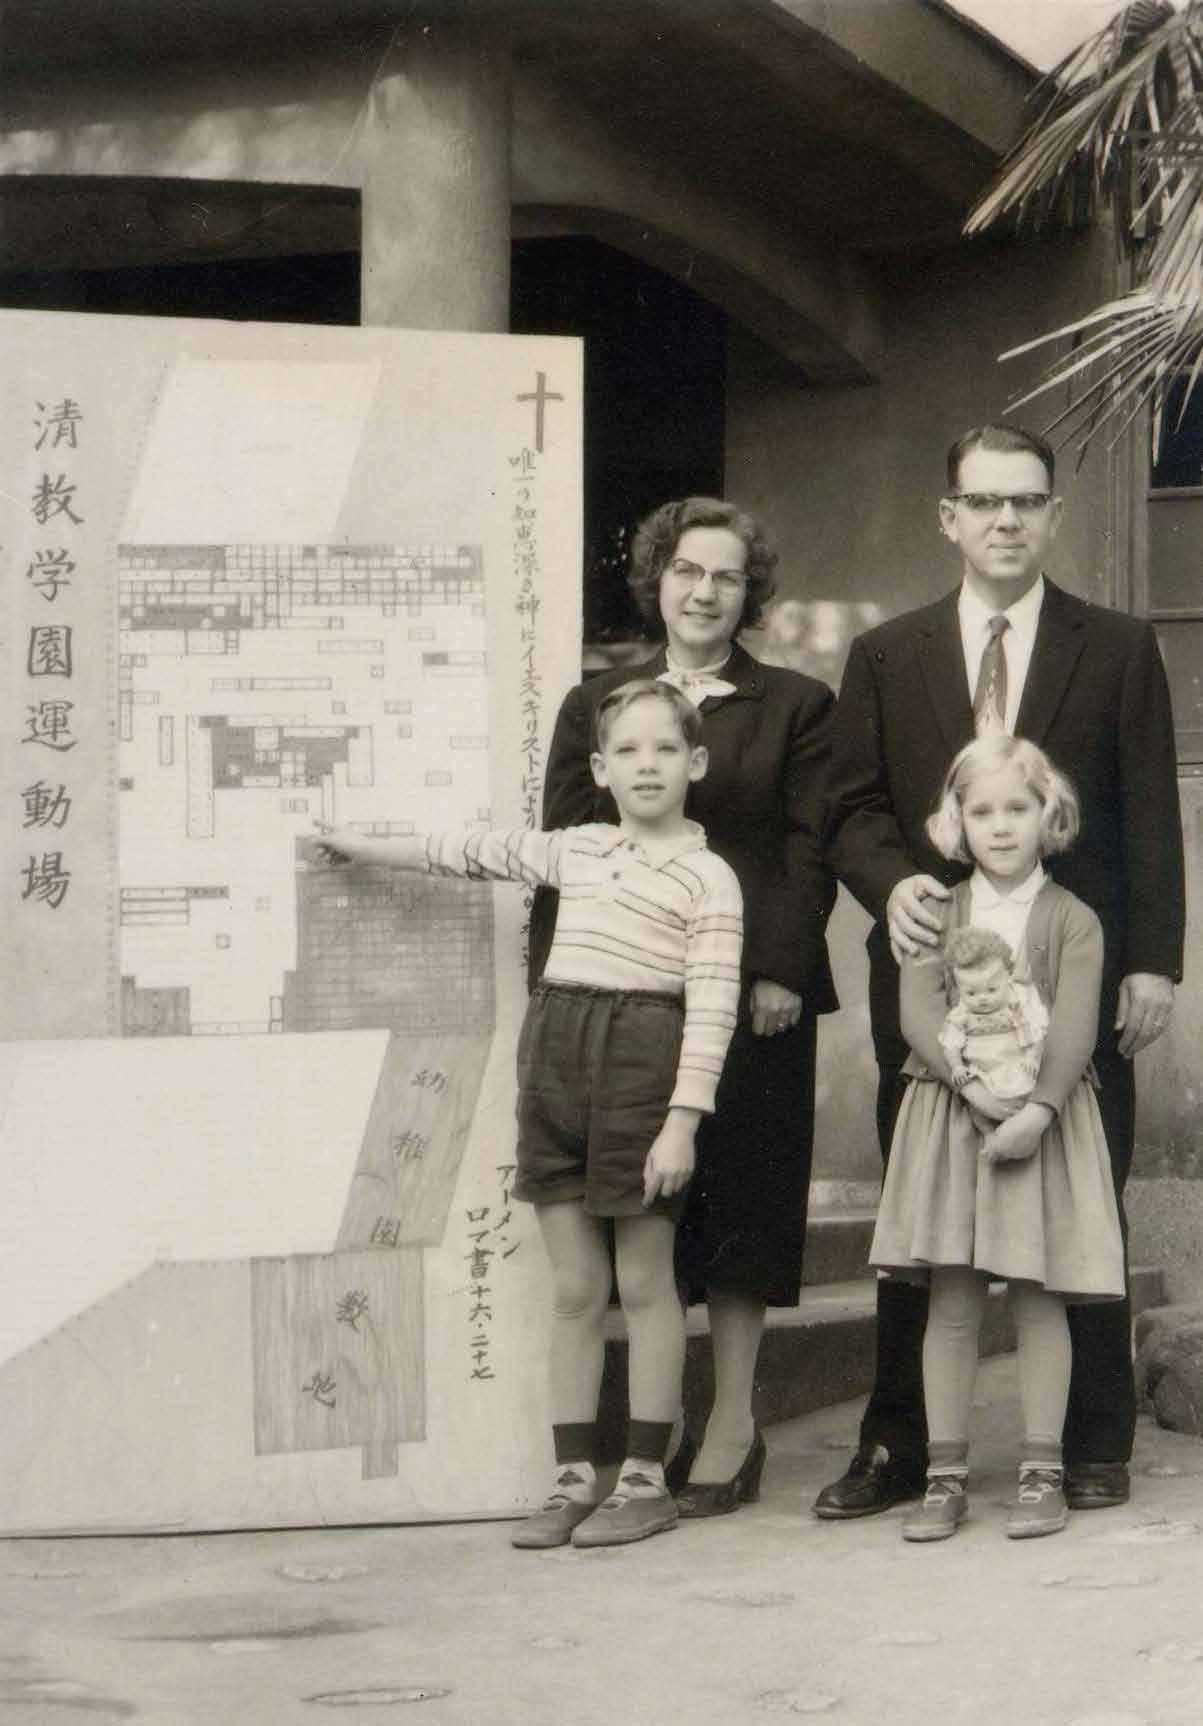 ドリスキル先生一家と一坪献金運動の記録板